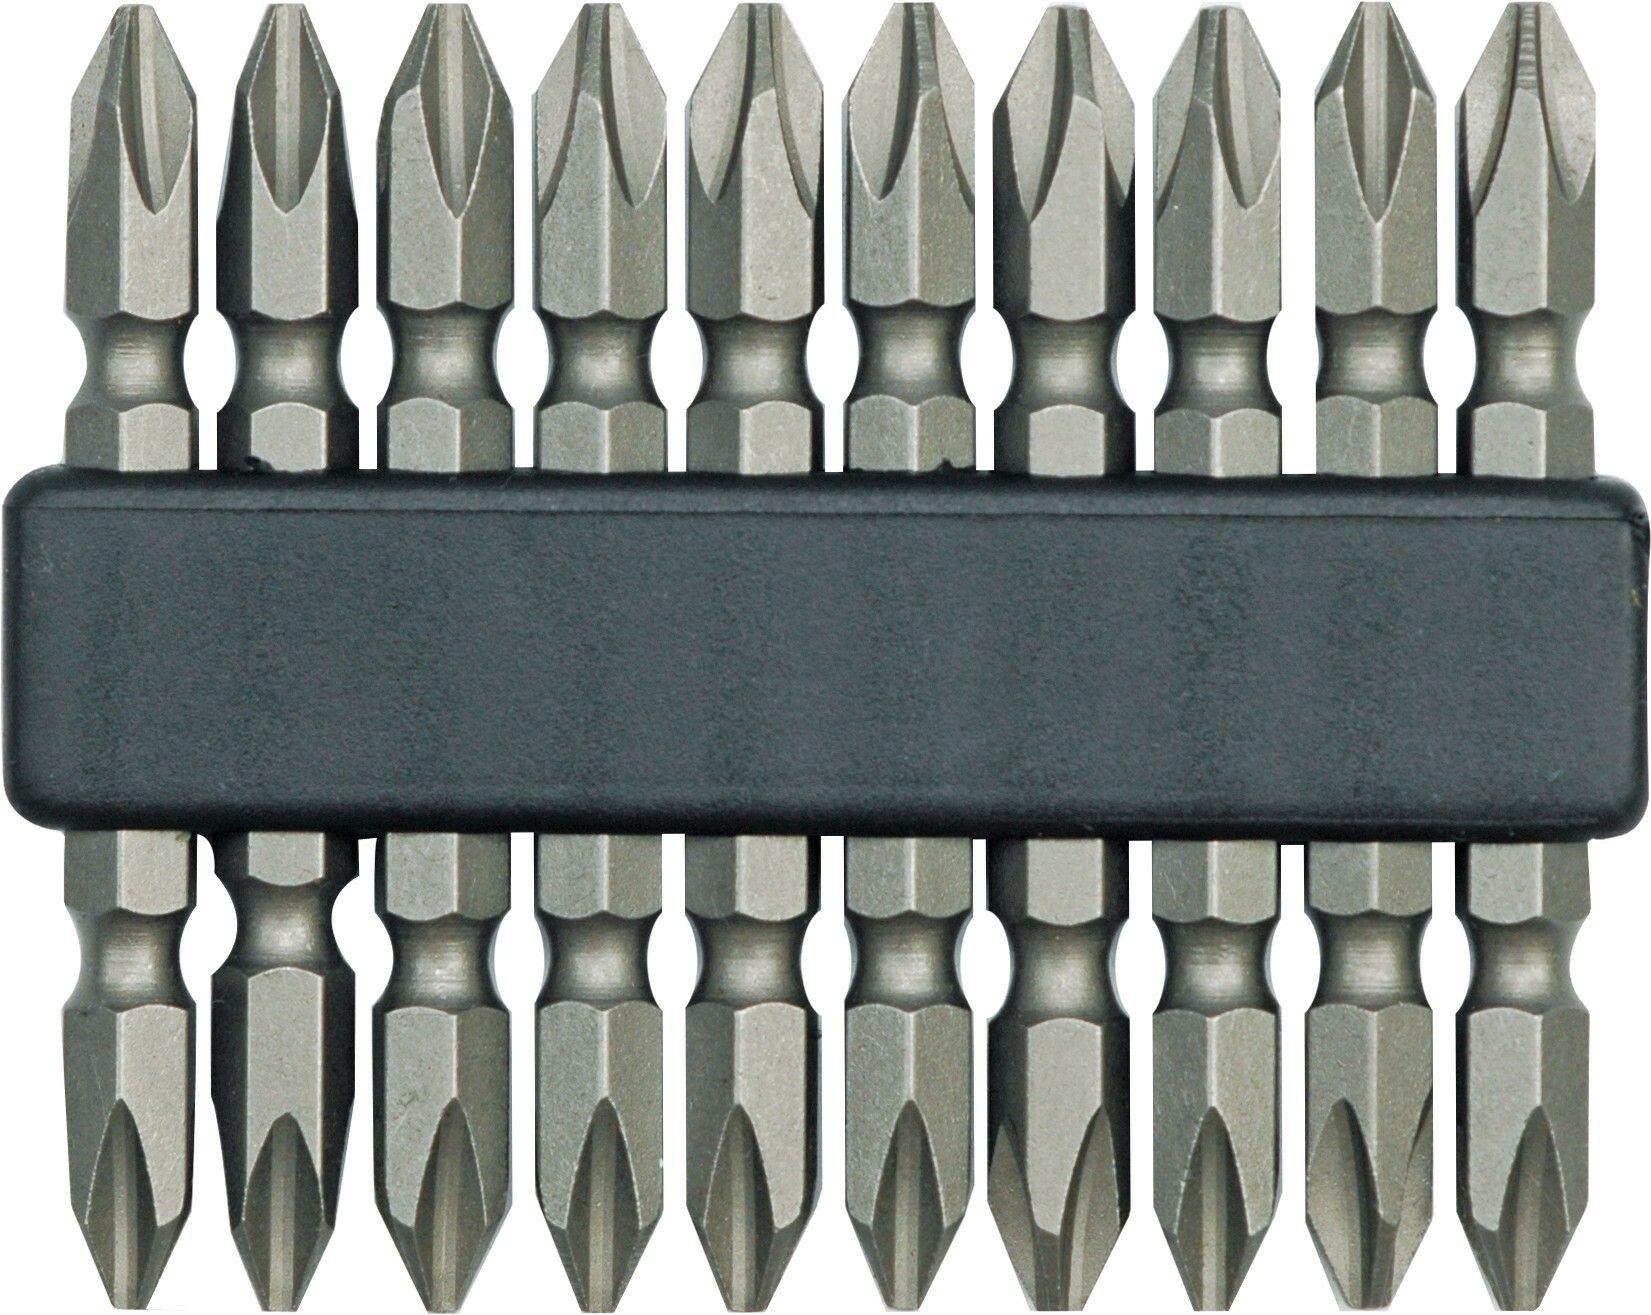 Bity křížové sada 10ks 2X60mm TOYA